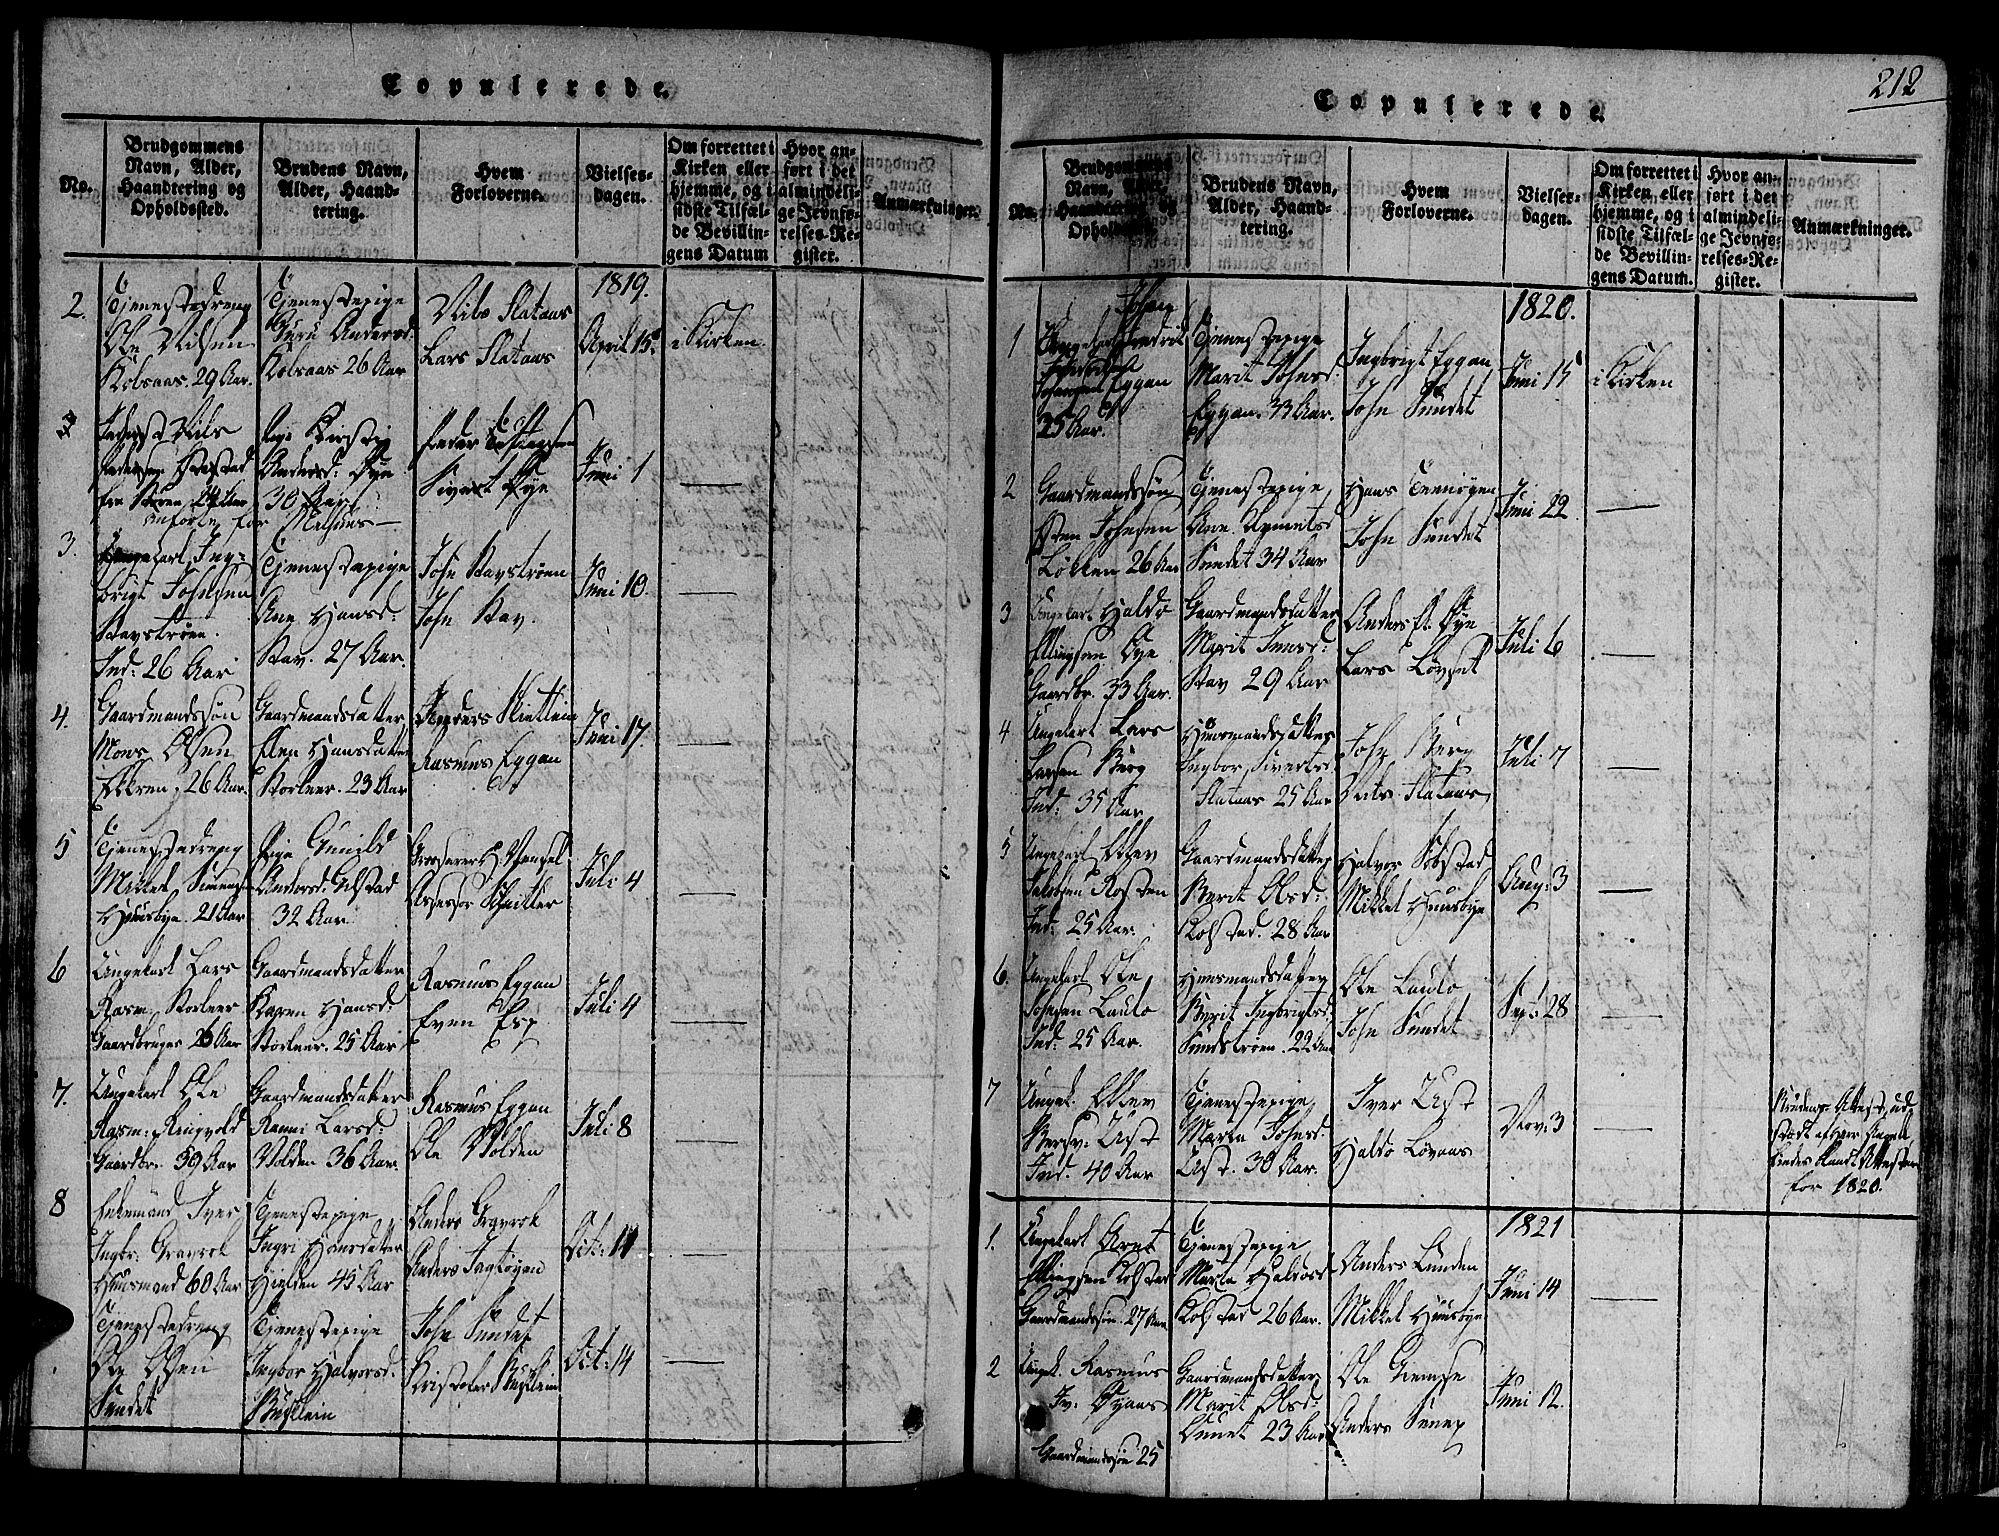 SAT, Ministerialprotokoller, klokkerbøker og fødselsregistre - Sør-Trøndelag, 691/L1067: Ministerialbok nr. 691A03 /3, 1816-1826, s. 212